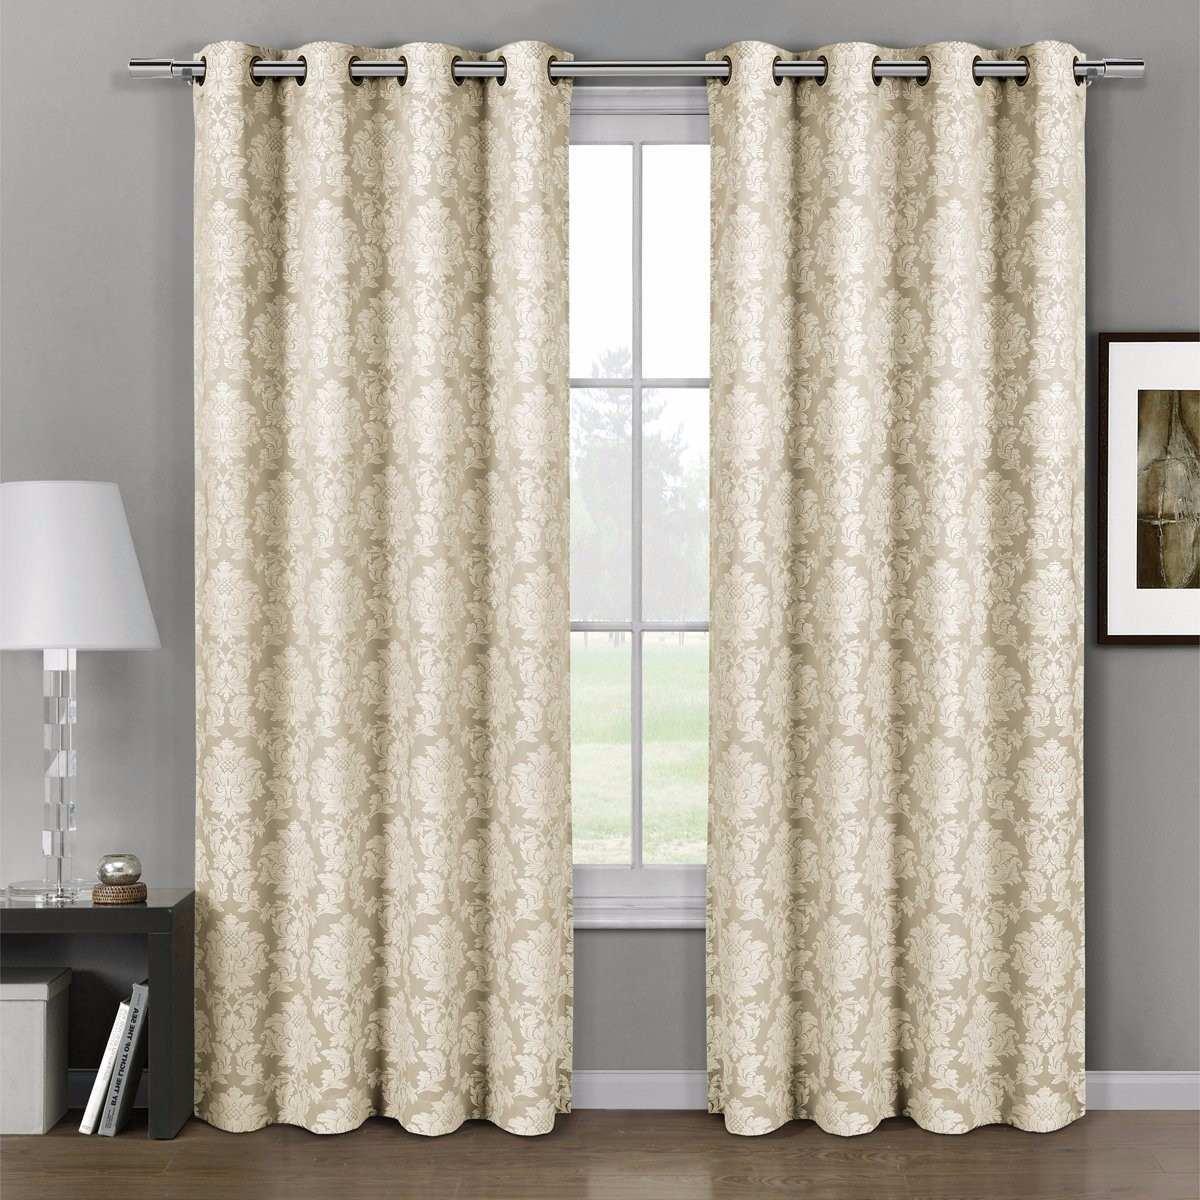 cortinas jacquard 137 x 213cm set de 2 color beige 135900 en mercado libre - Cortinas Beige